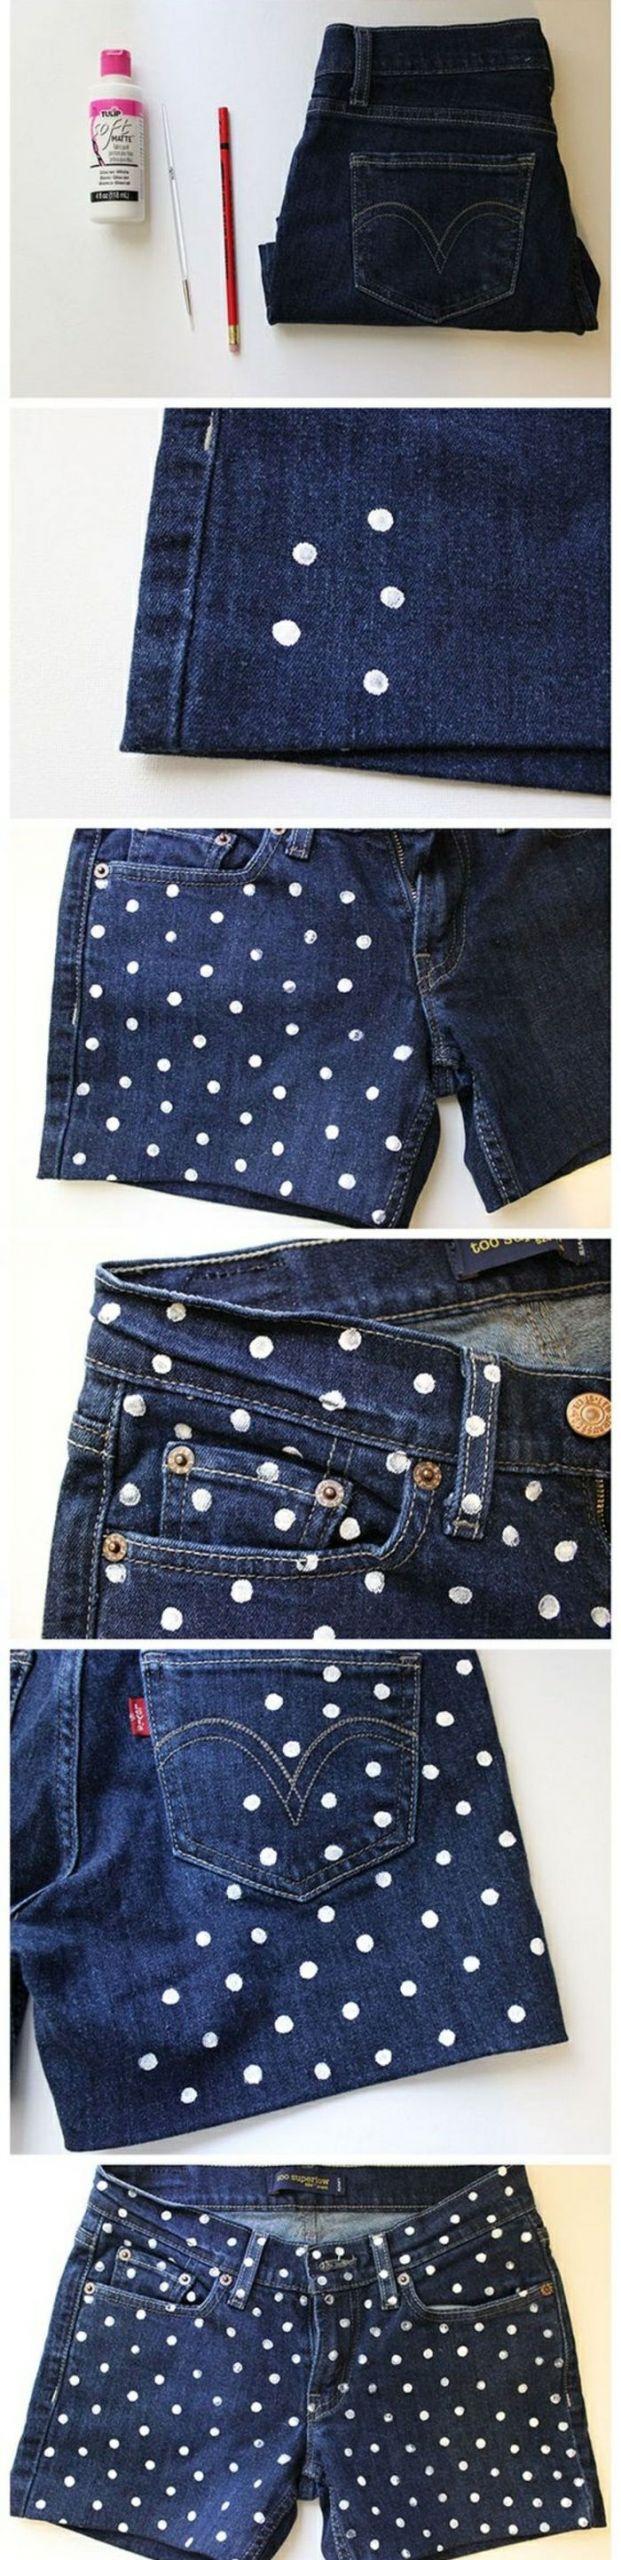 6 upcycling kleidung alte jeans weiße punkte diy idee kleider